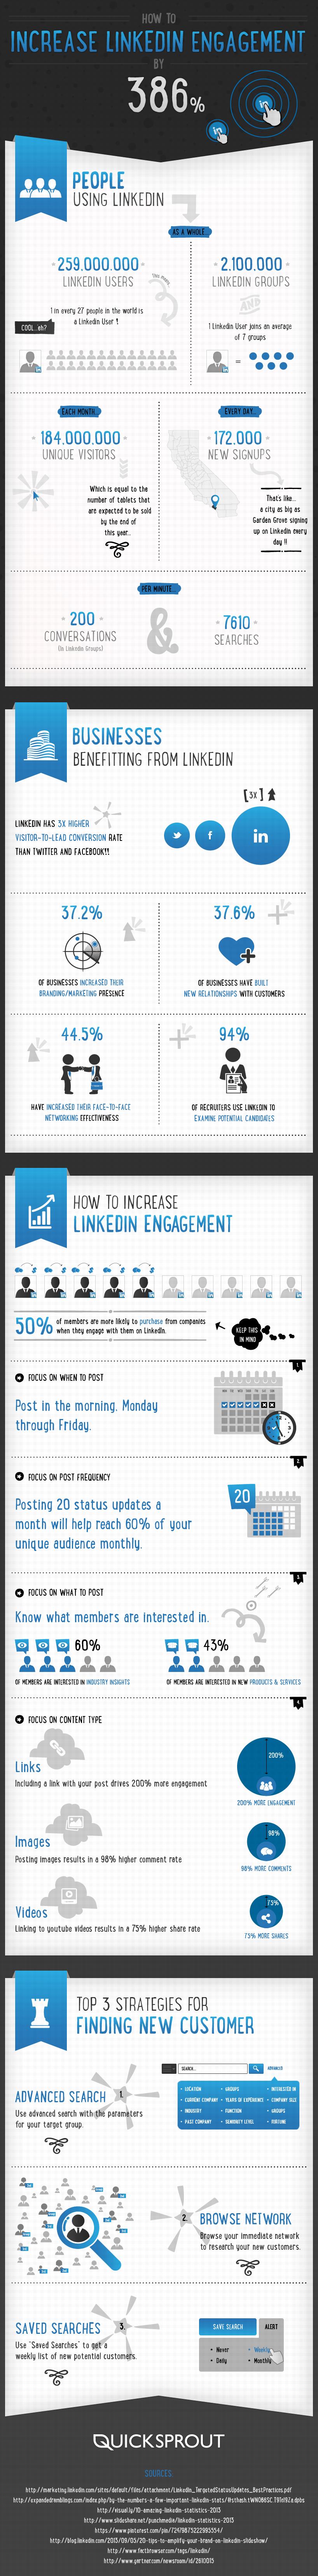 Come aumentare il proprio Linkedin Engagement